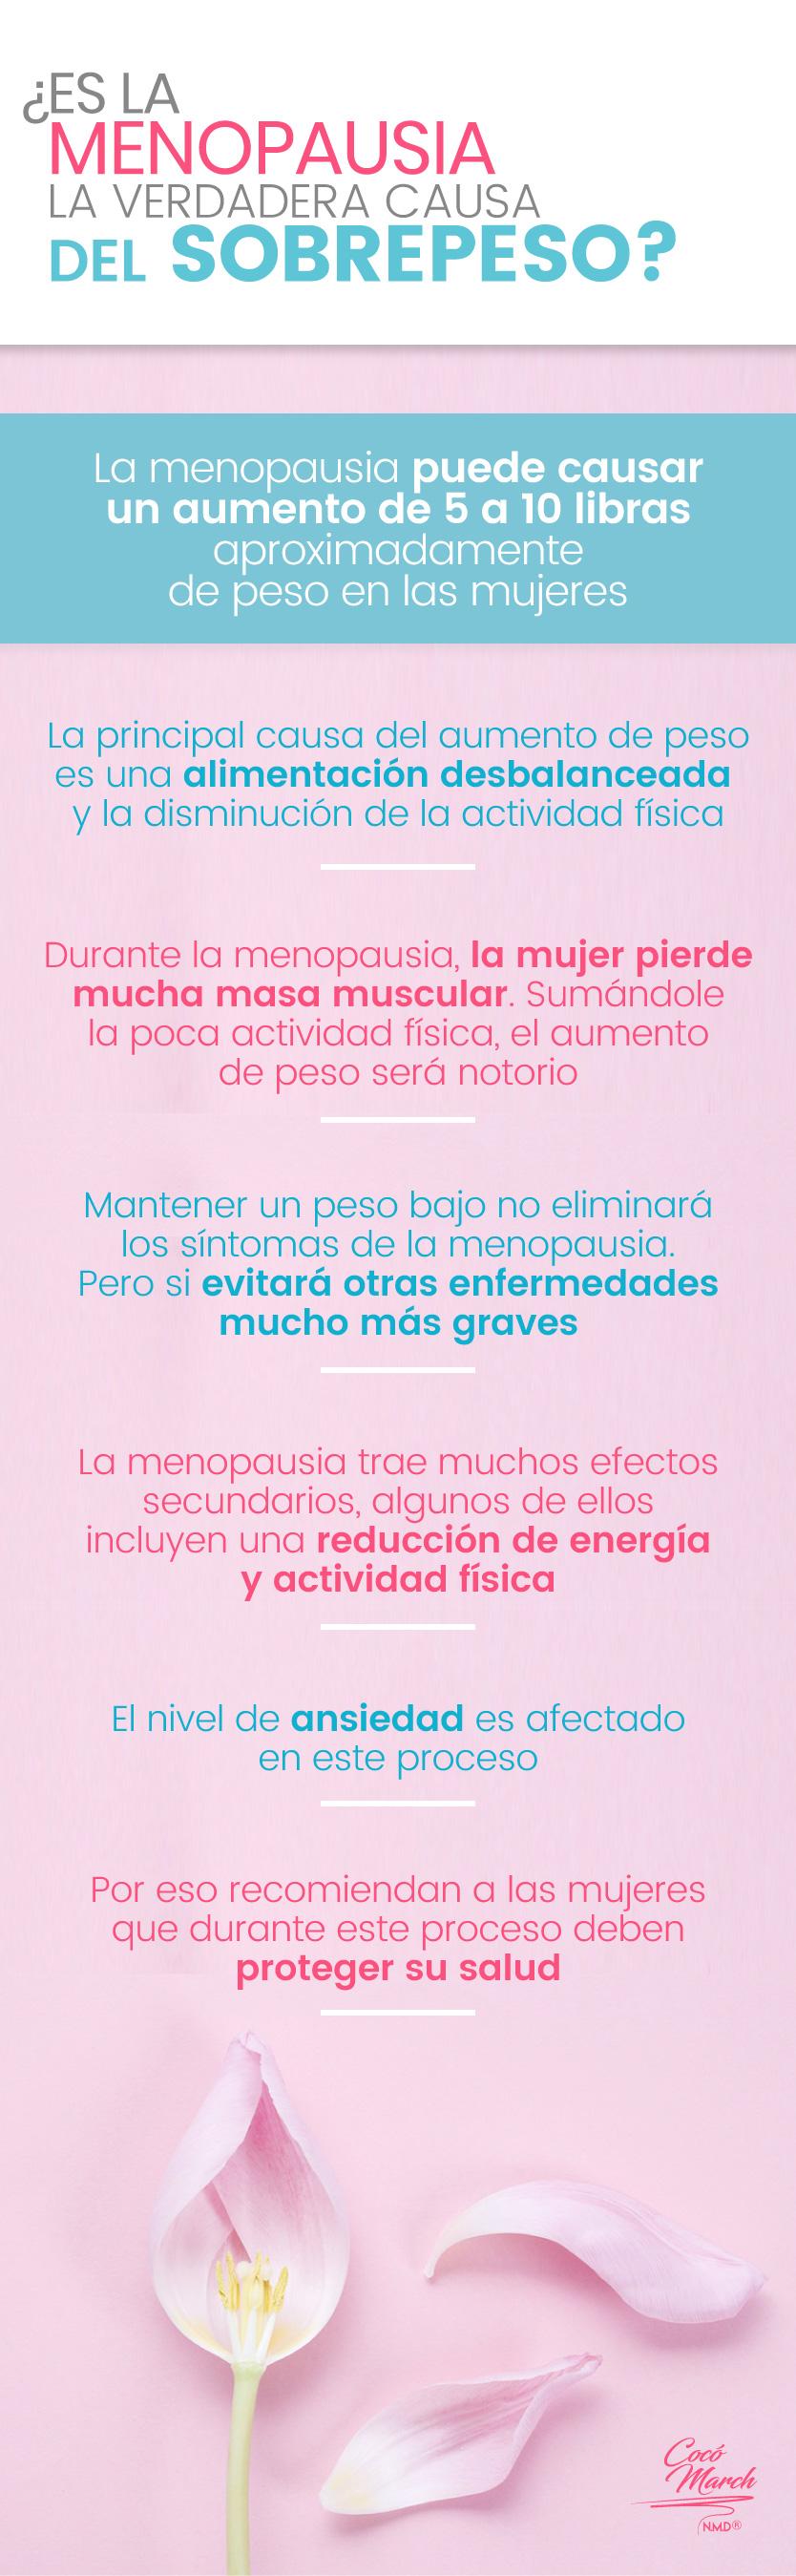 menopausia-y-sobrepeso